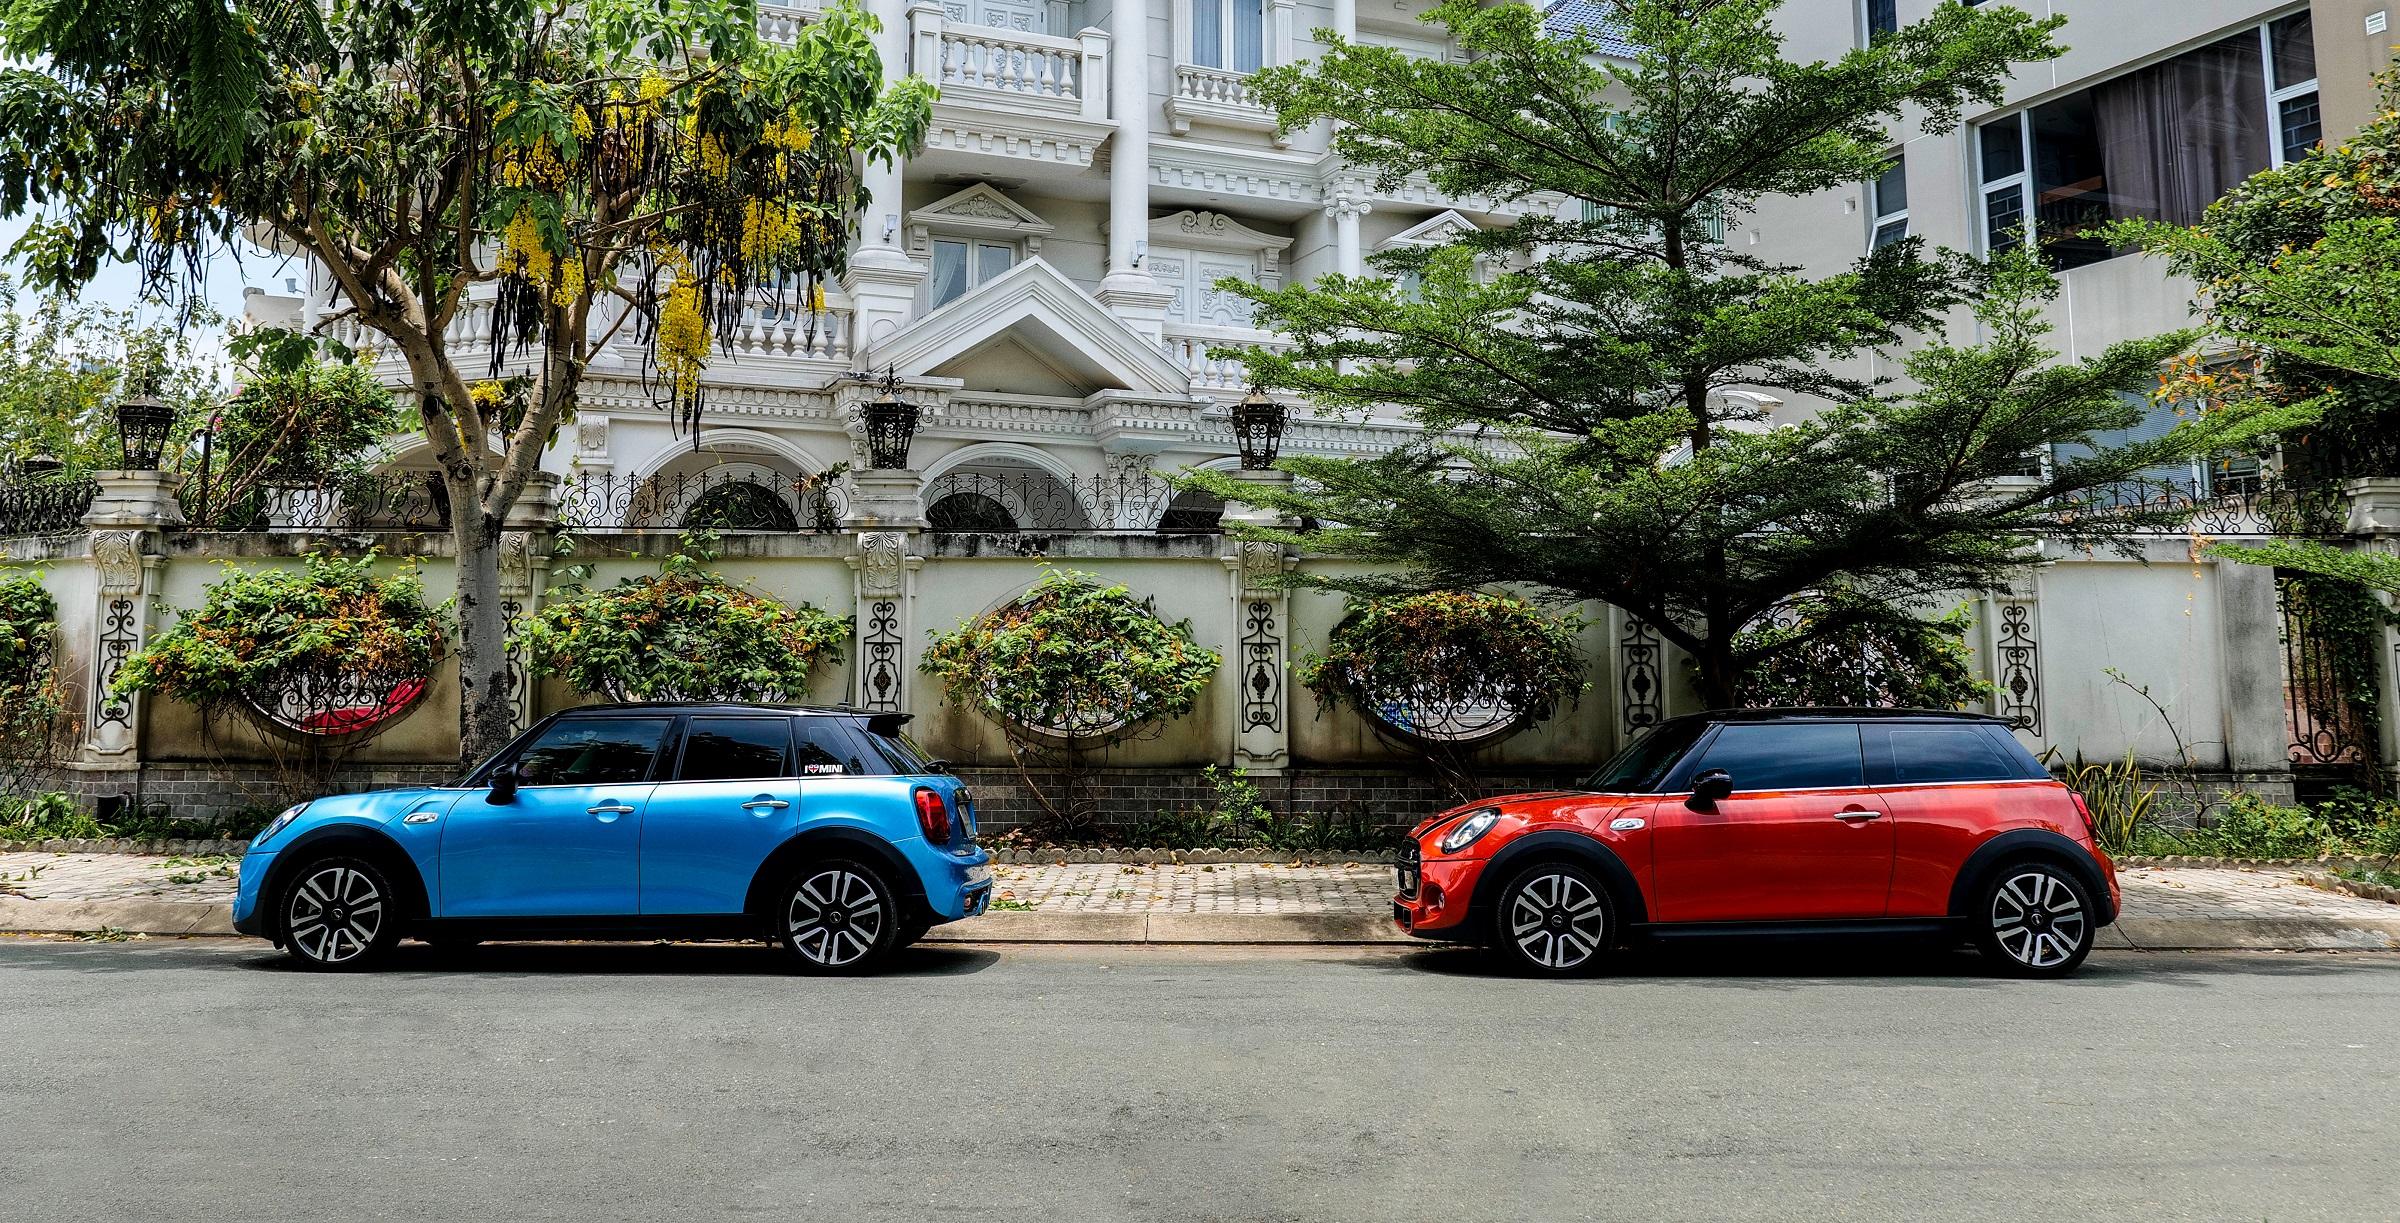 Các màu sắc thời trang của MINI Cooper S 5 Cửa mang lại lựa chọn đa dạng cho chủ xe, thỏa thích thể hiện cá tính, phong cách riêng. Ảnh: MINI Việt Nam.